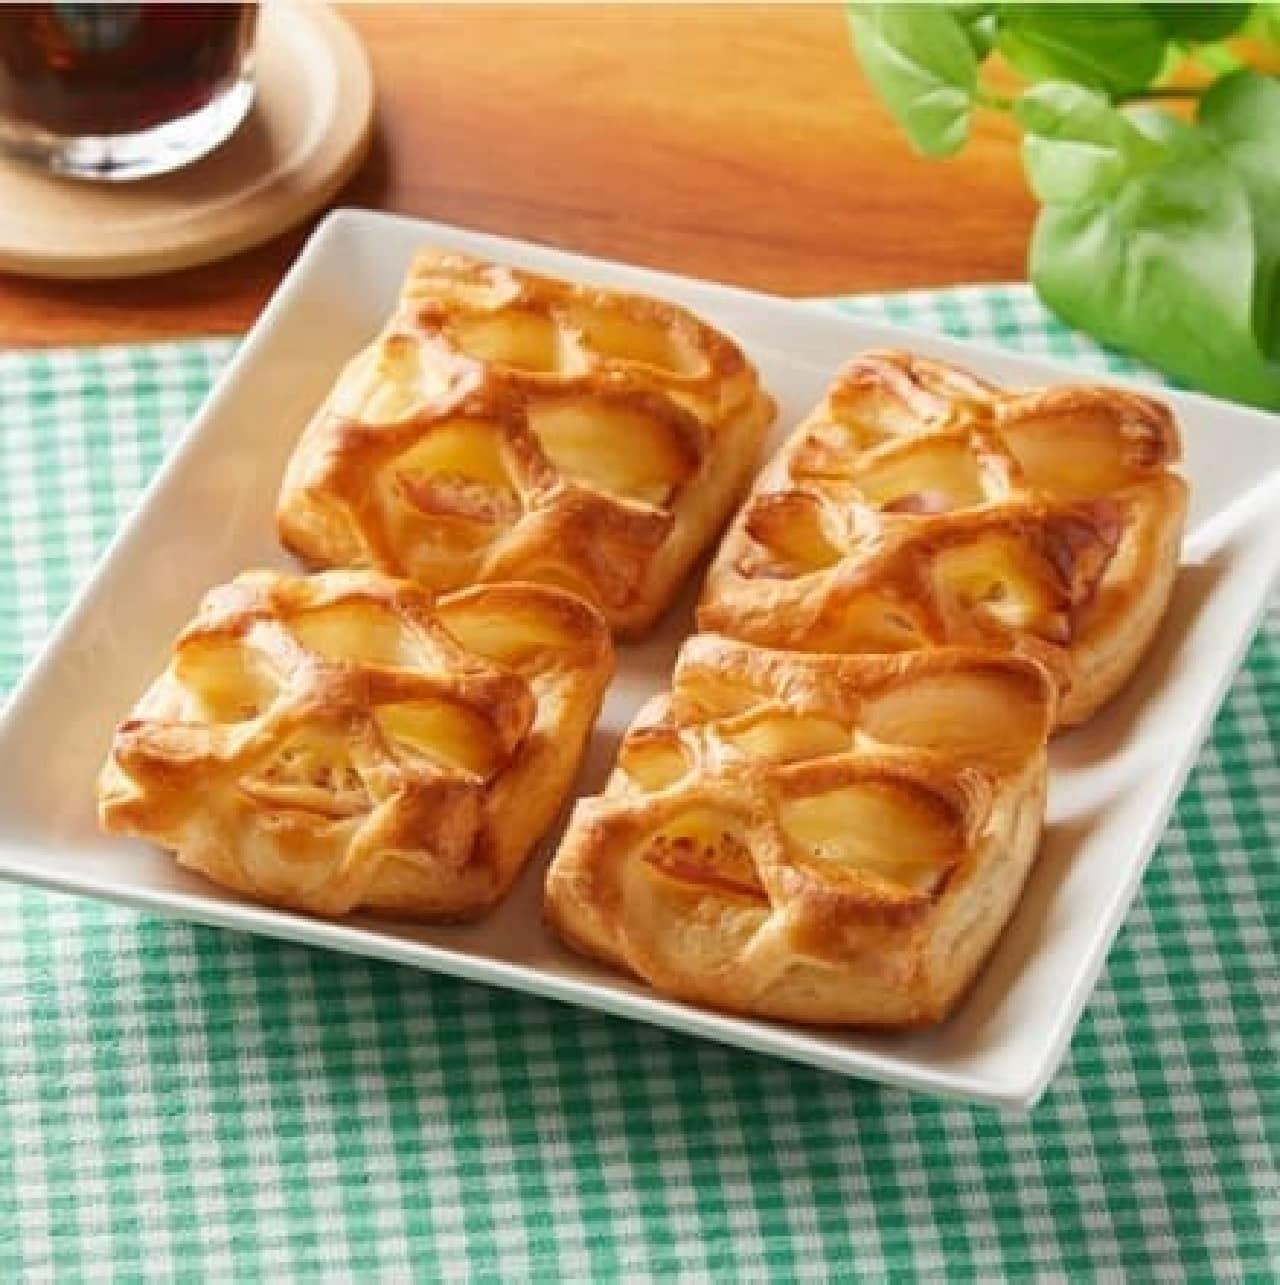 ファミリーマート「ハム&チーズデニッシュ4個入」